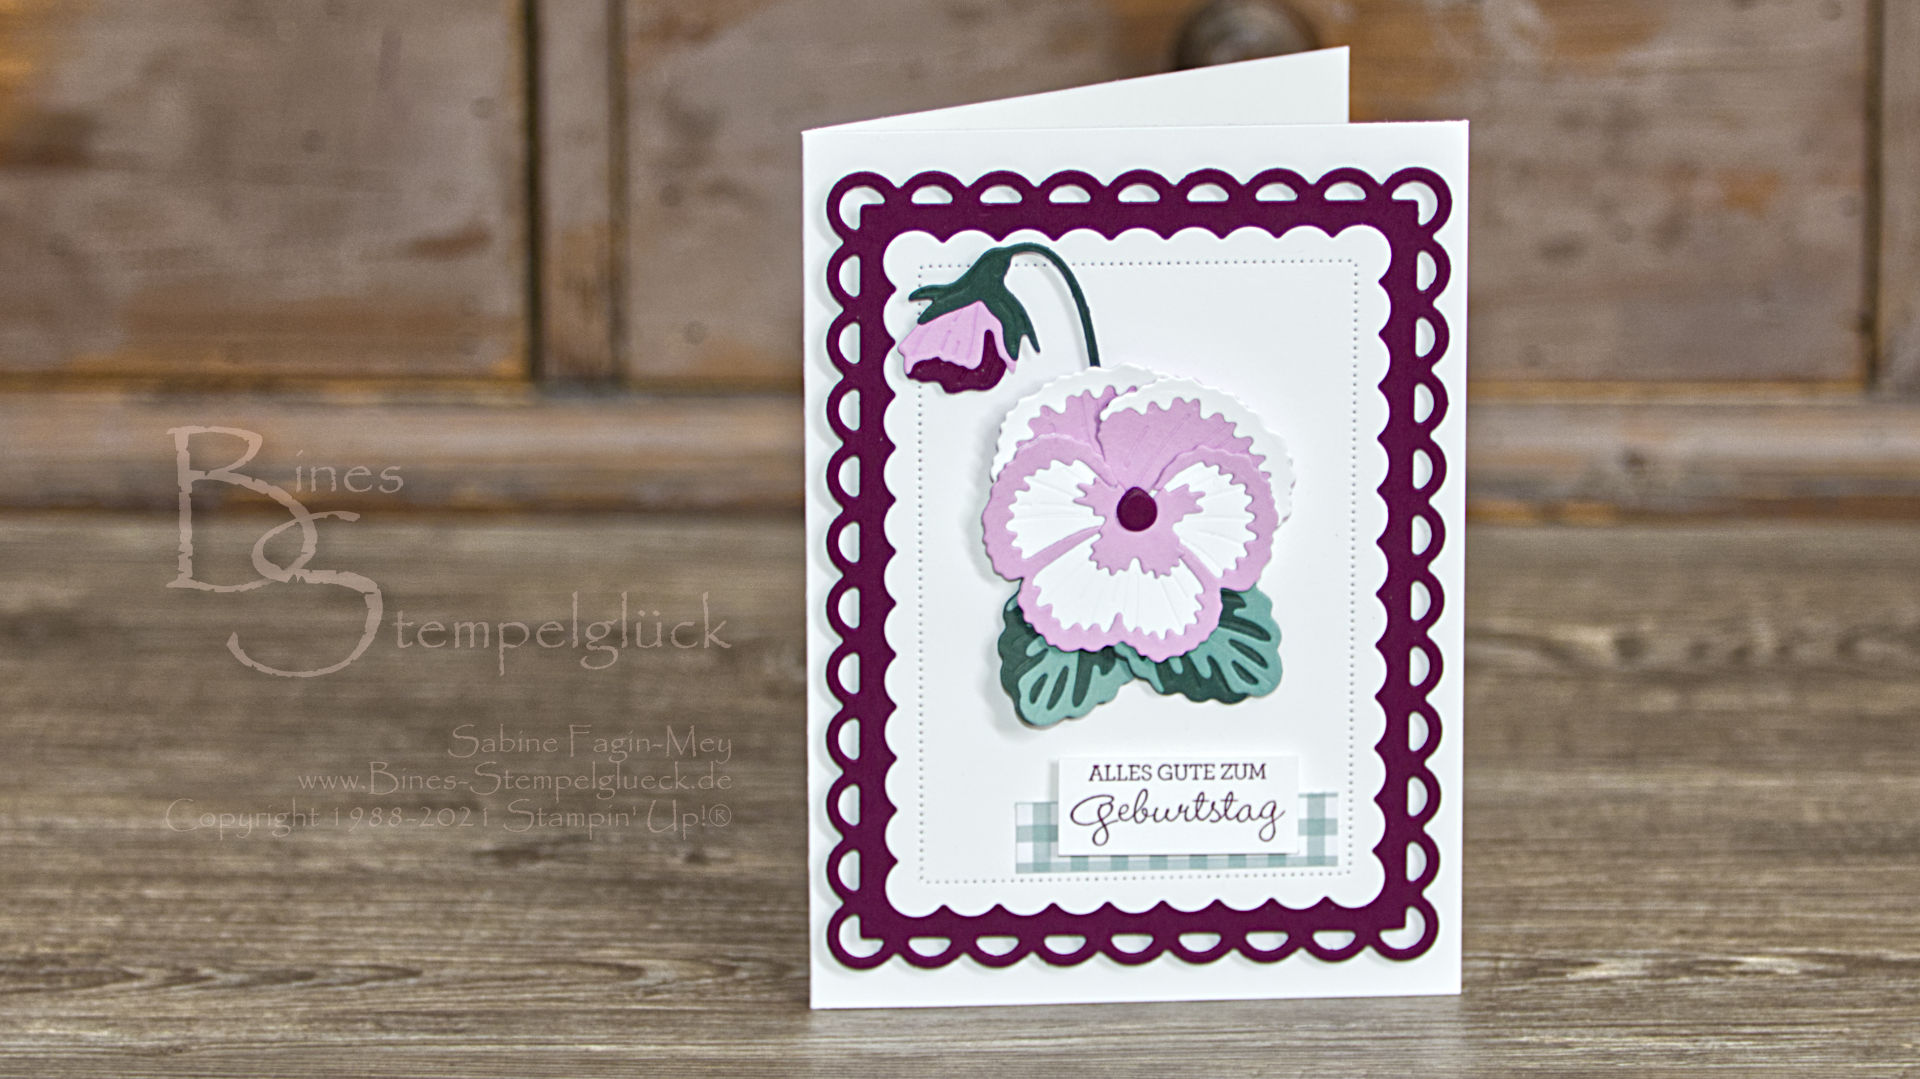 Geburtstagskarte Stiefmütterchen mit Stampin' Up!